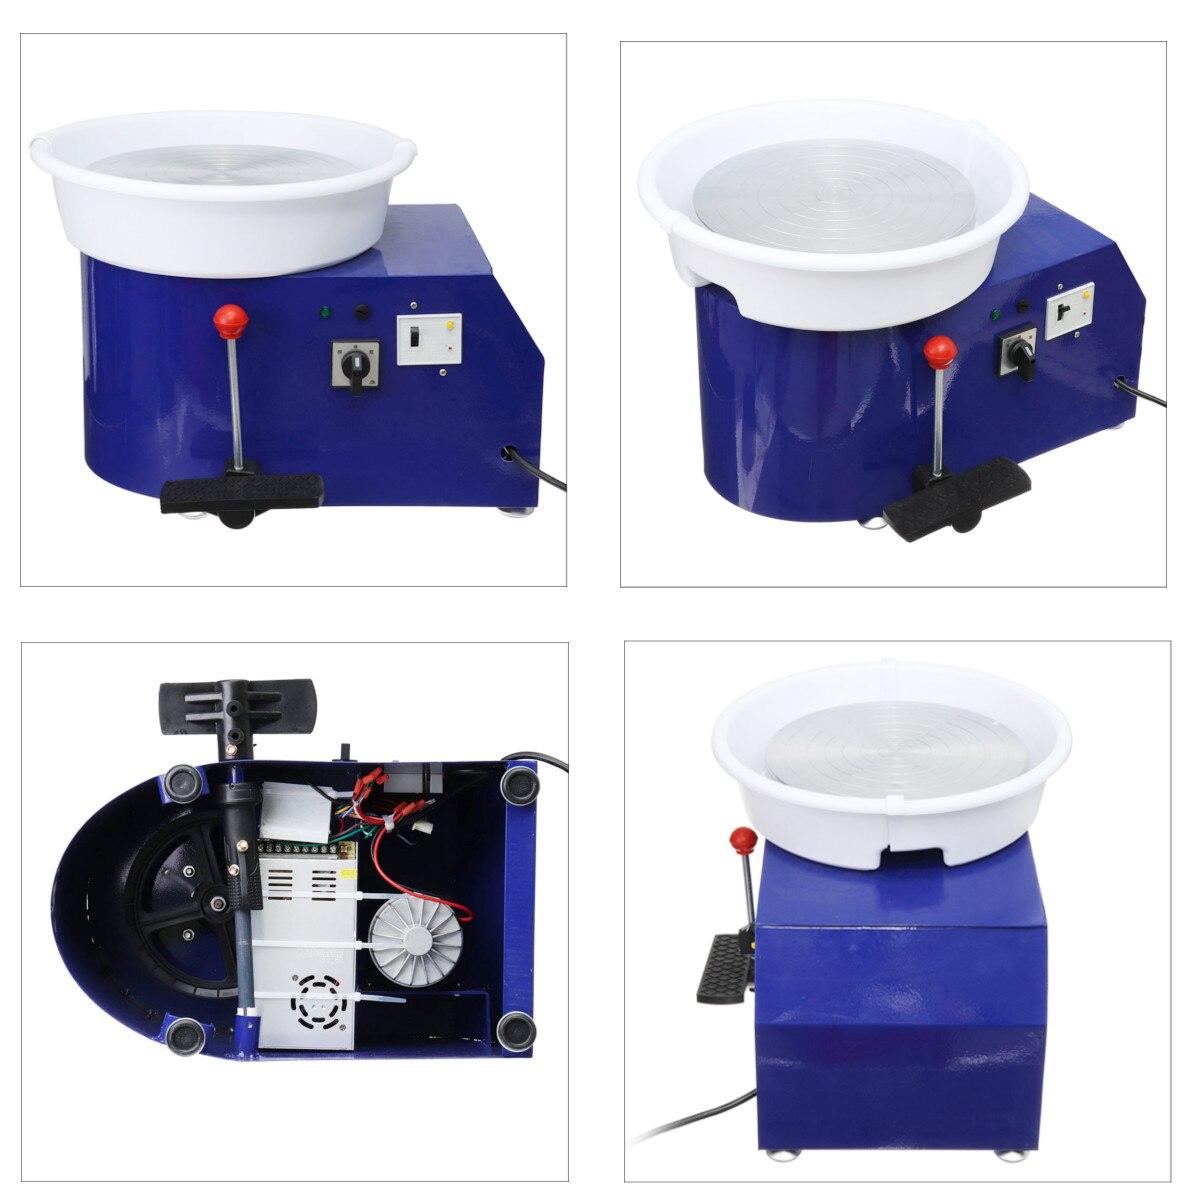 Tournant la Machine en céramique de roue de poterie électrique 220 V 550 W 300mm Kit de potier en céramique d'argile pour la céramique de travail en céramique - 4